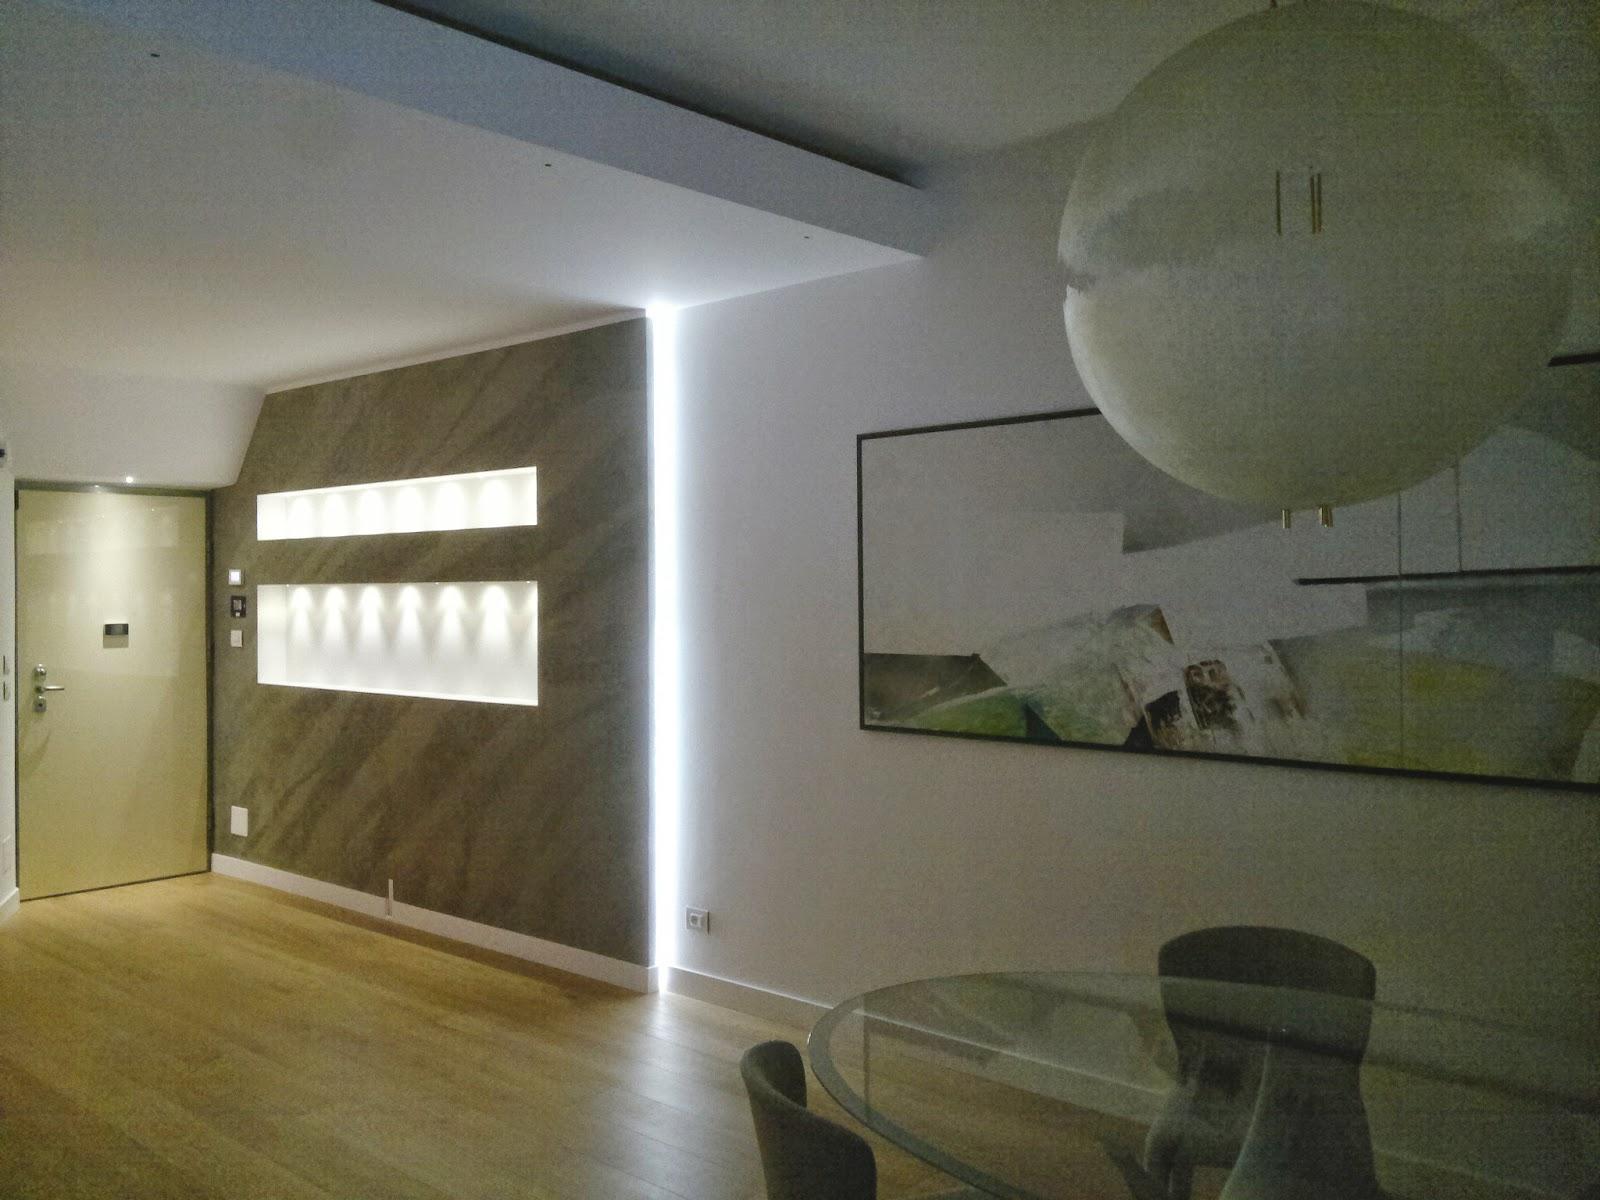 Illuminazione d interni a led faretti per cucine le migliori